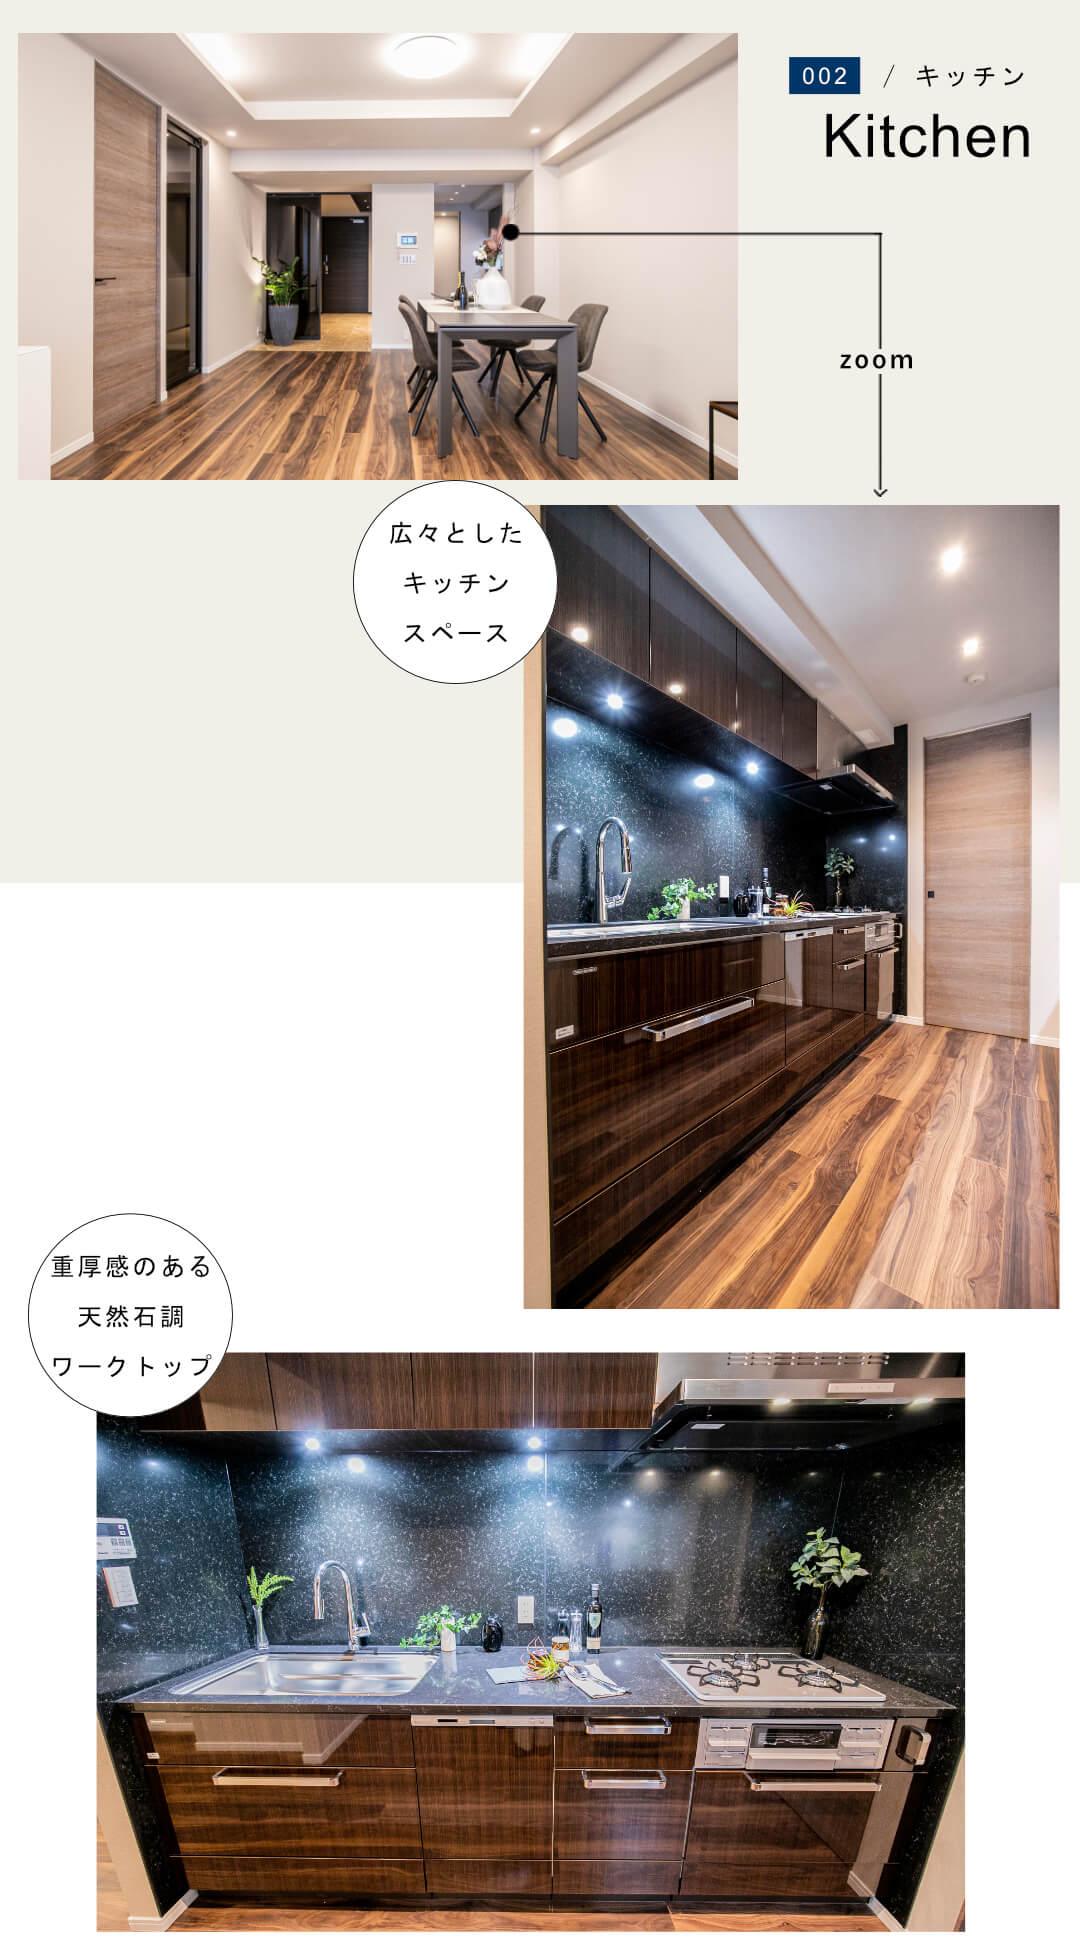 ザ・ウエストミンスター六本木 5XXのキッチン